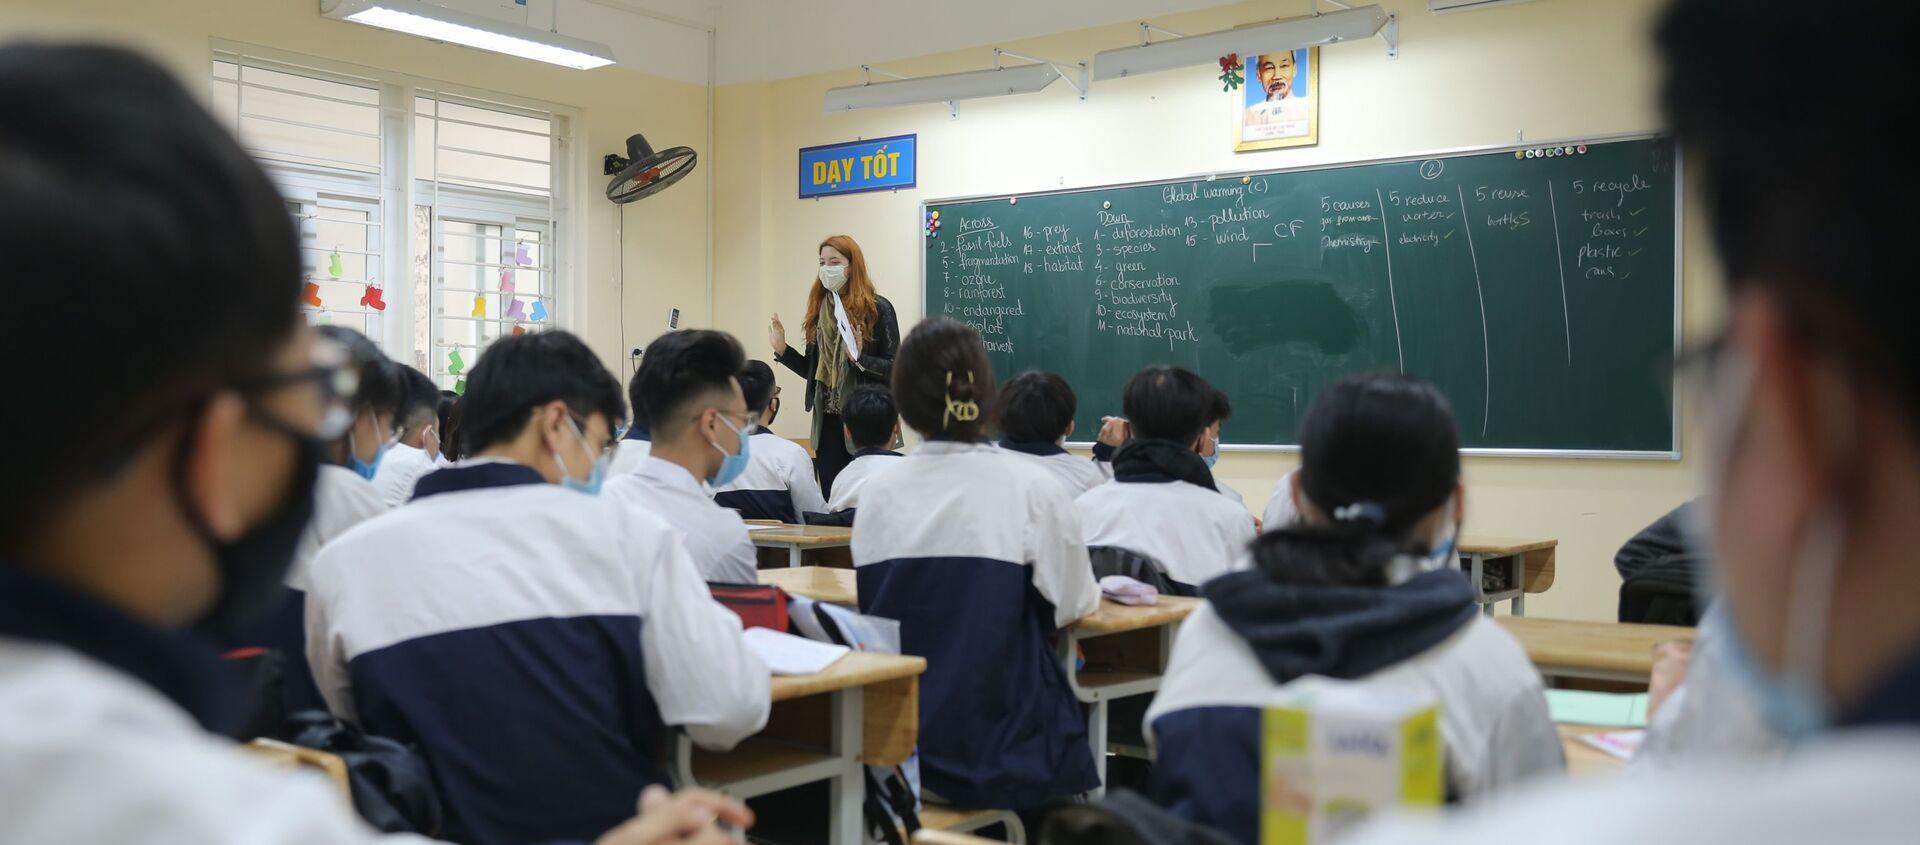 Giáo viên và học sinh lớp 11A2, Trường THPT Trần Nhân Tông, quận Hai Bà Trưng thực hiện nghiêm túc việc đeo khẩu trang trong lớp - Sputnik Việt Nam, 1920, 07.03.2021